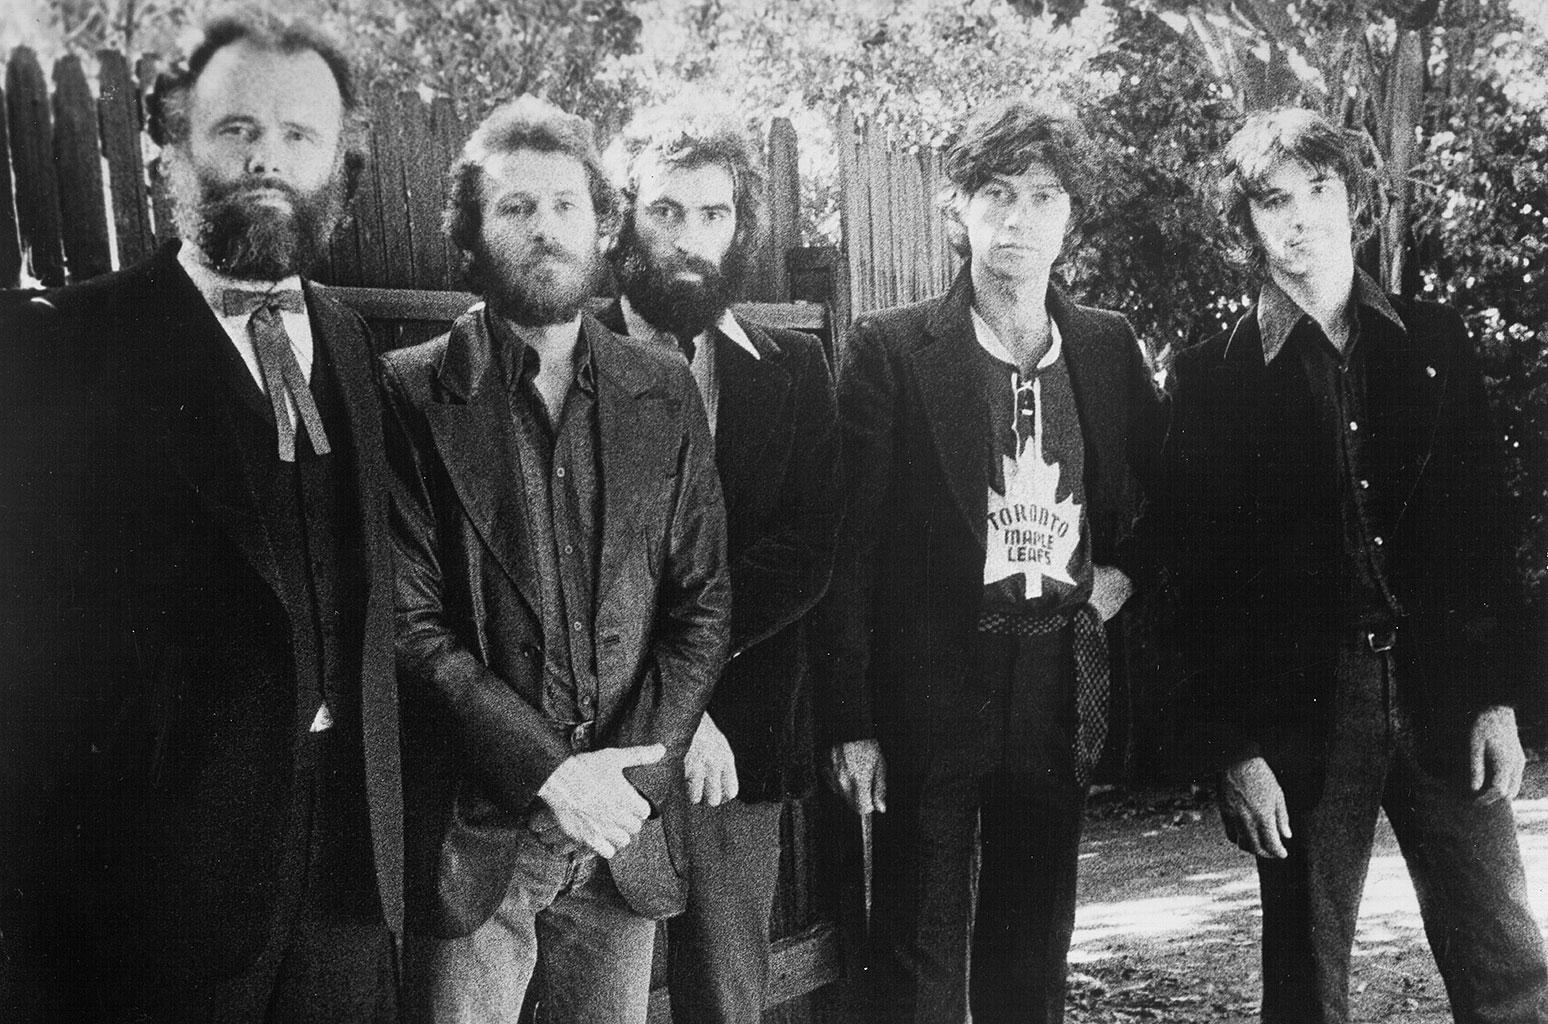 the-band-portrait-1969-u-billboard-1548